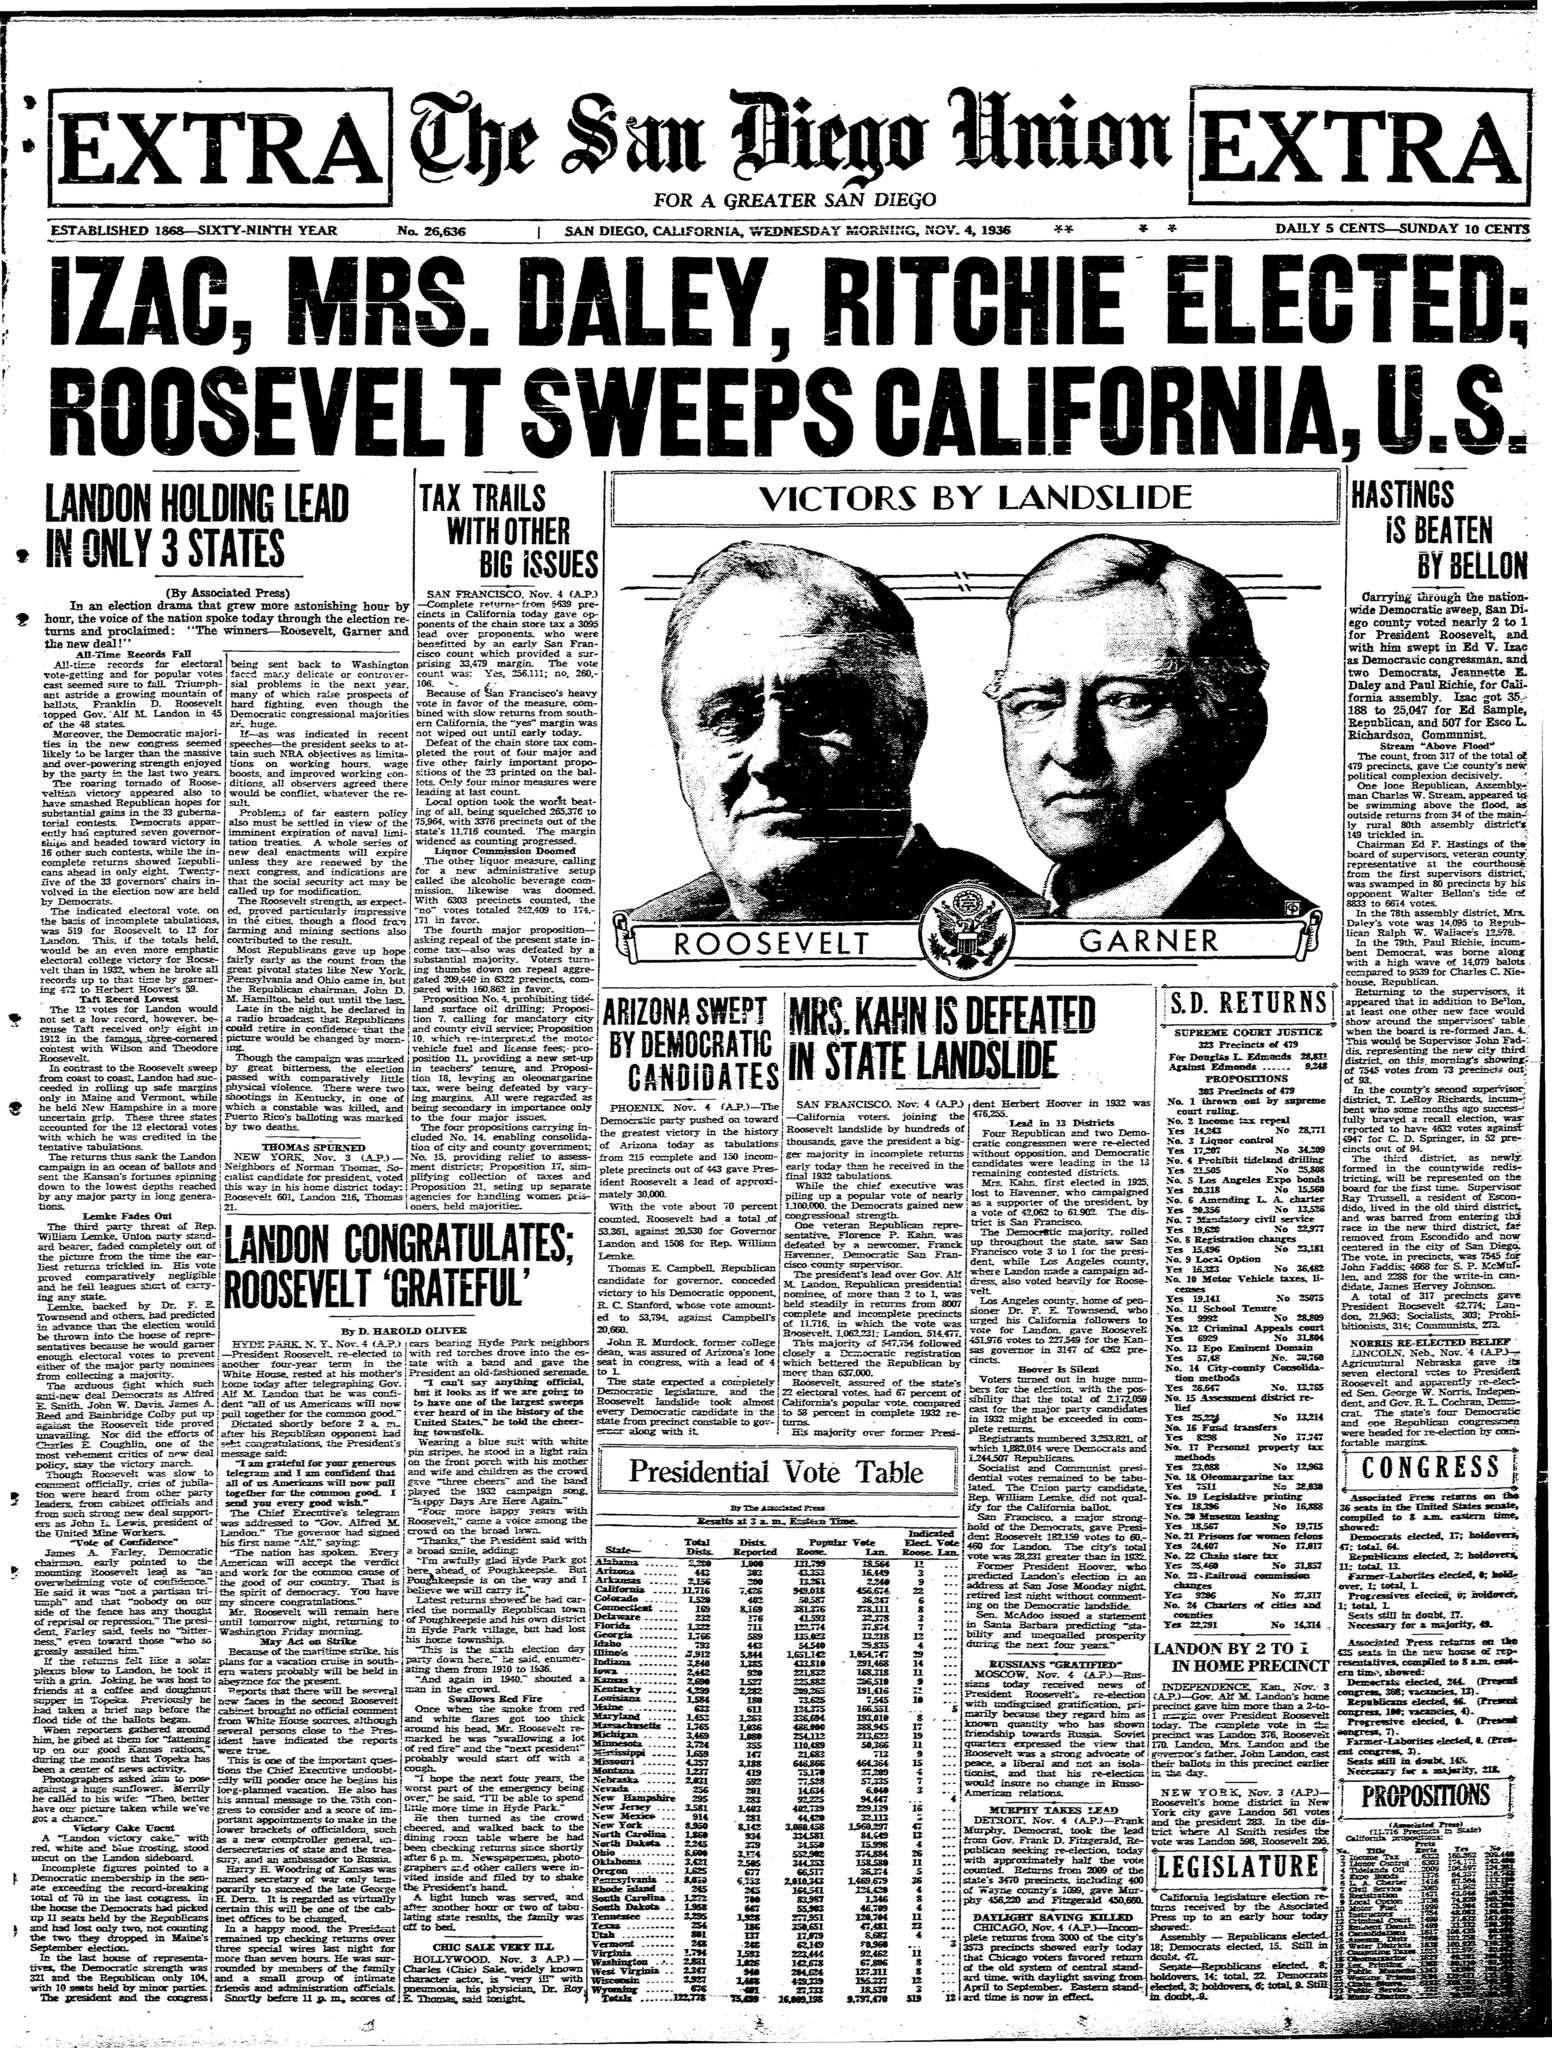 November 4, 1936